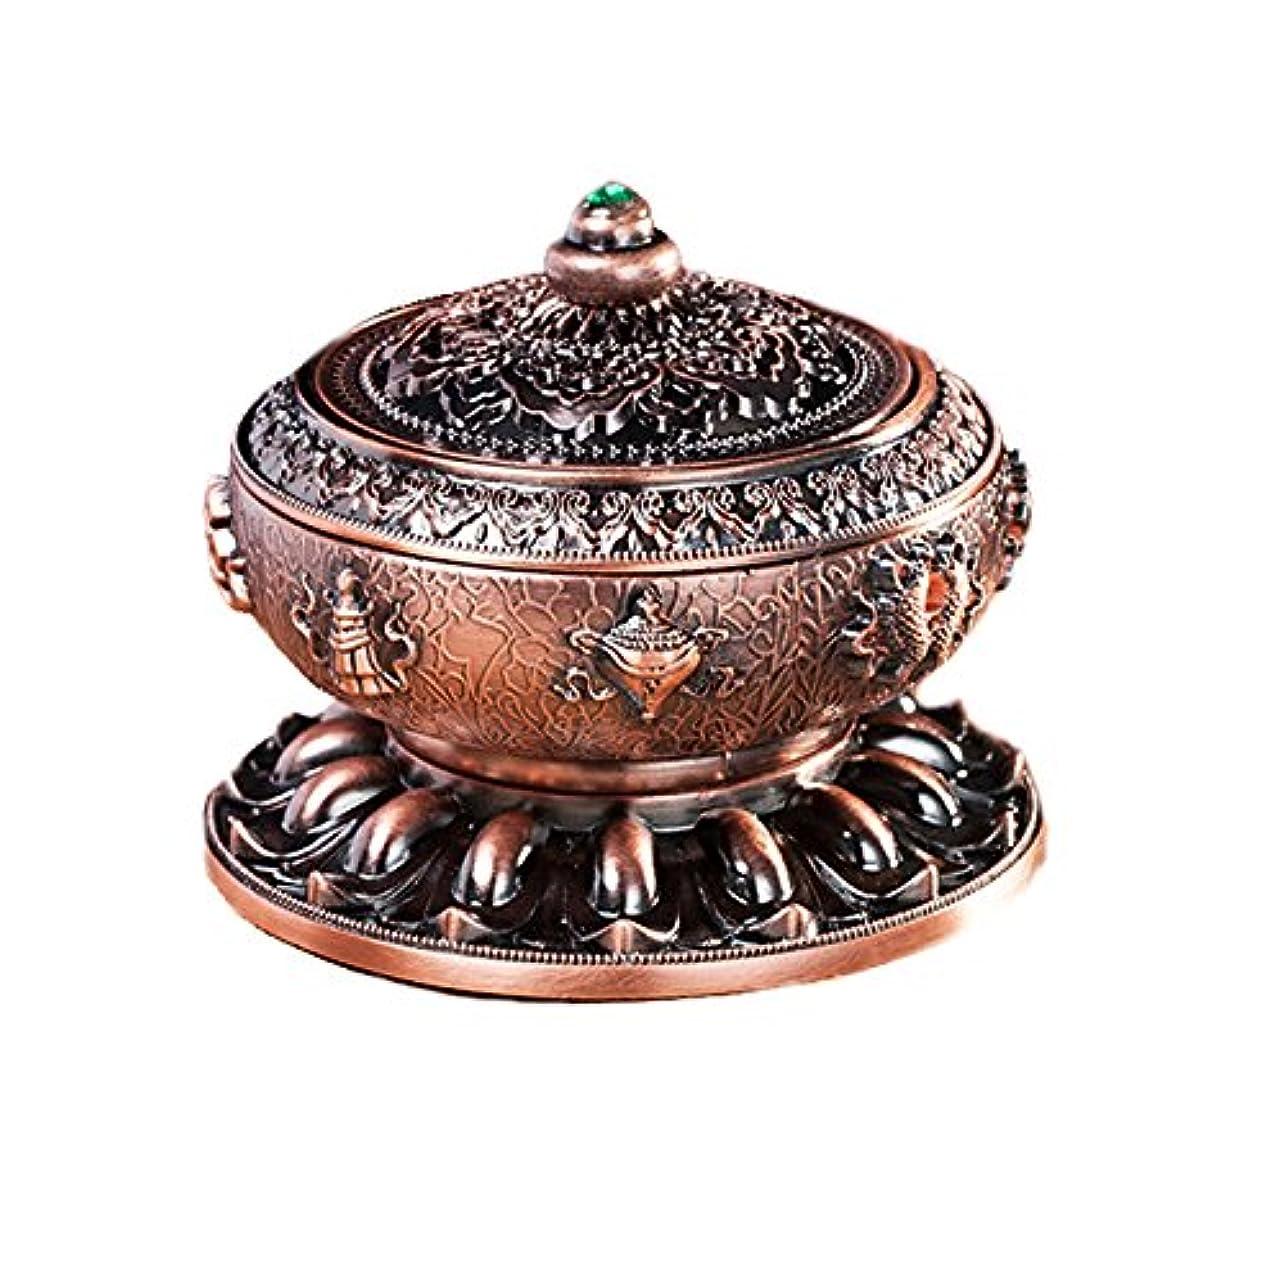 燃料ずるい遅いBUYSEEY 香炉 青銅 ブロンズ 丸香炉 お香立て 渦巻き線香 などに 香立て付き アロマ(S)